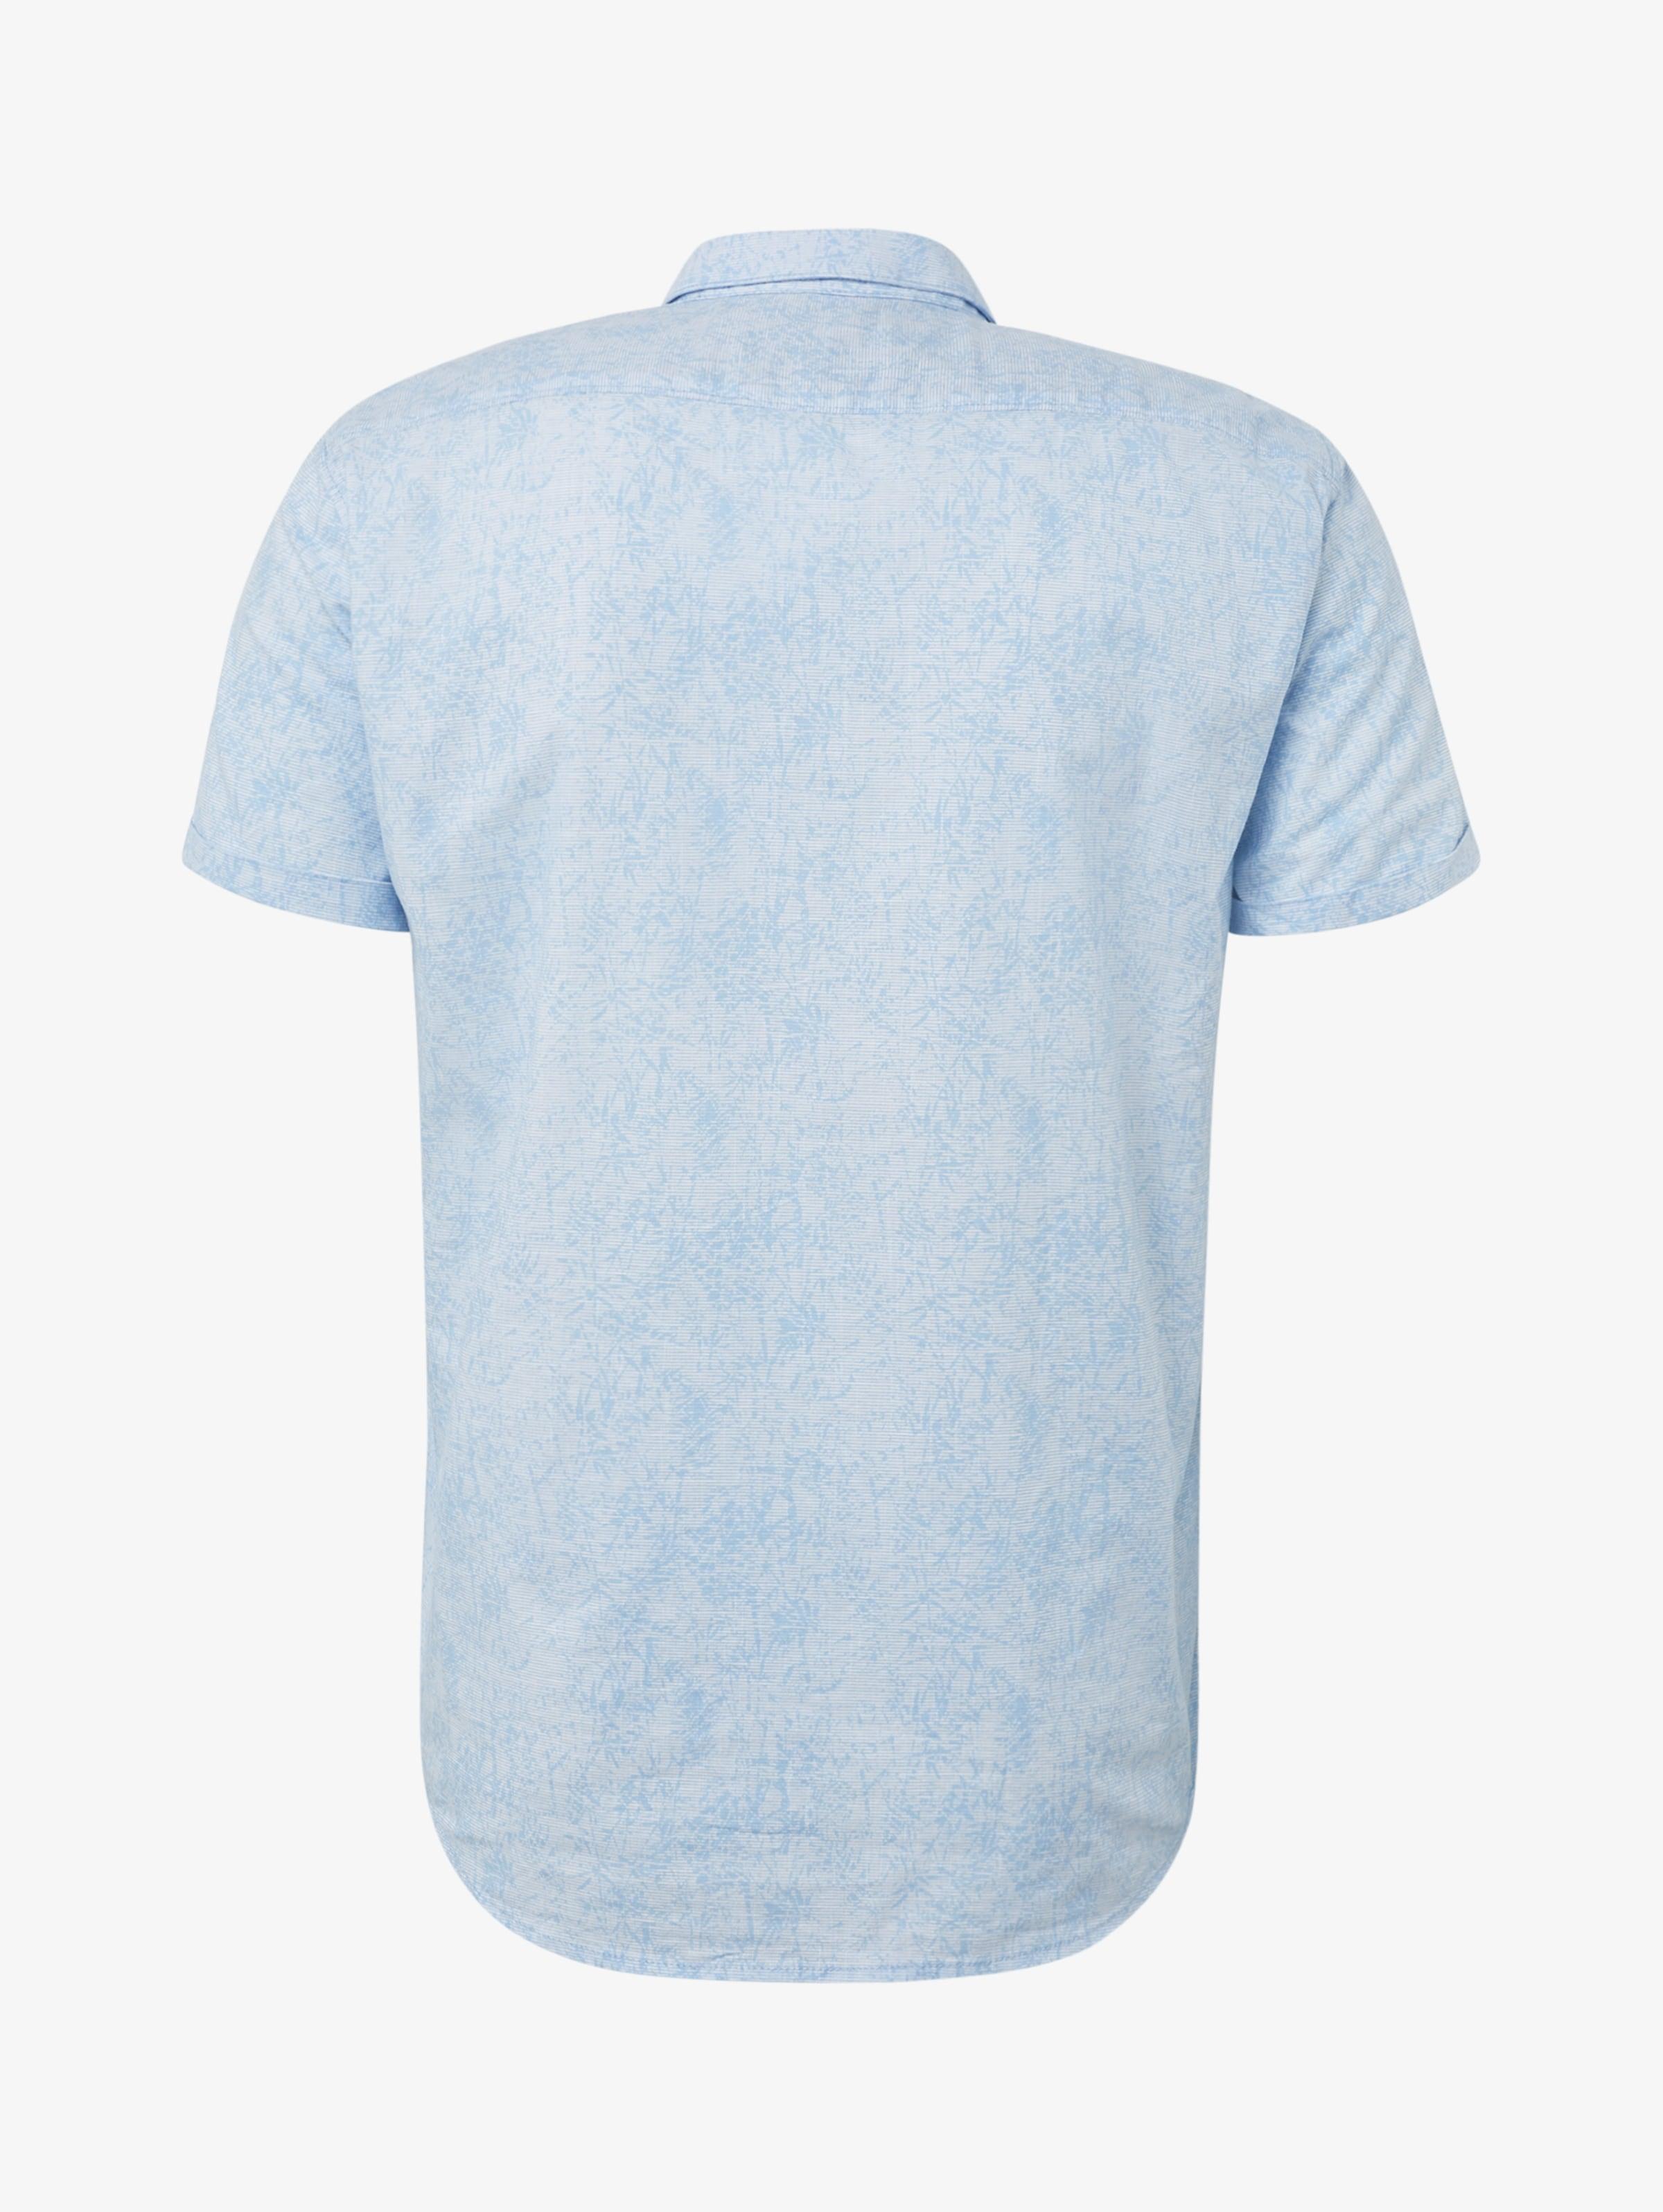 In Tailor Hemd Denim Hellblau Tom wPN8n0ZkXO